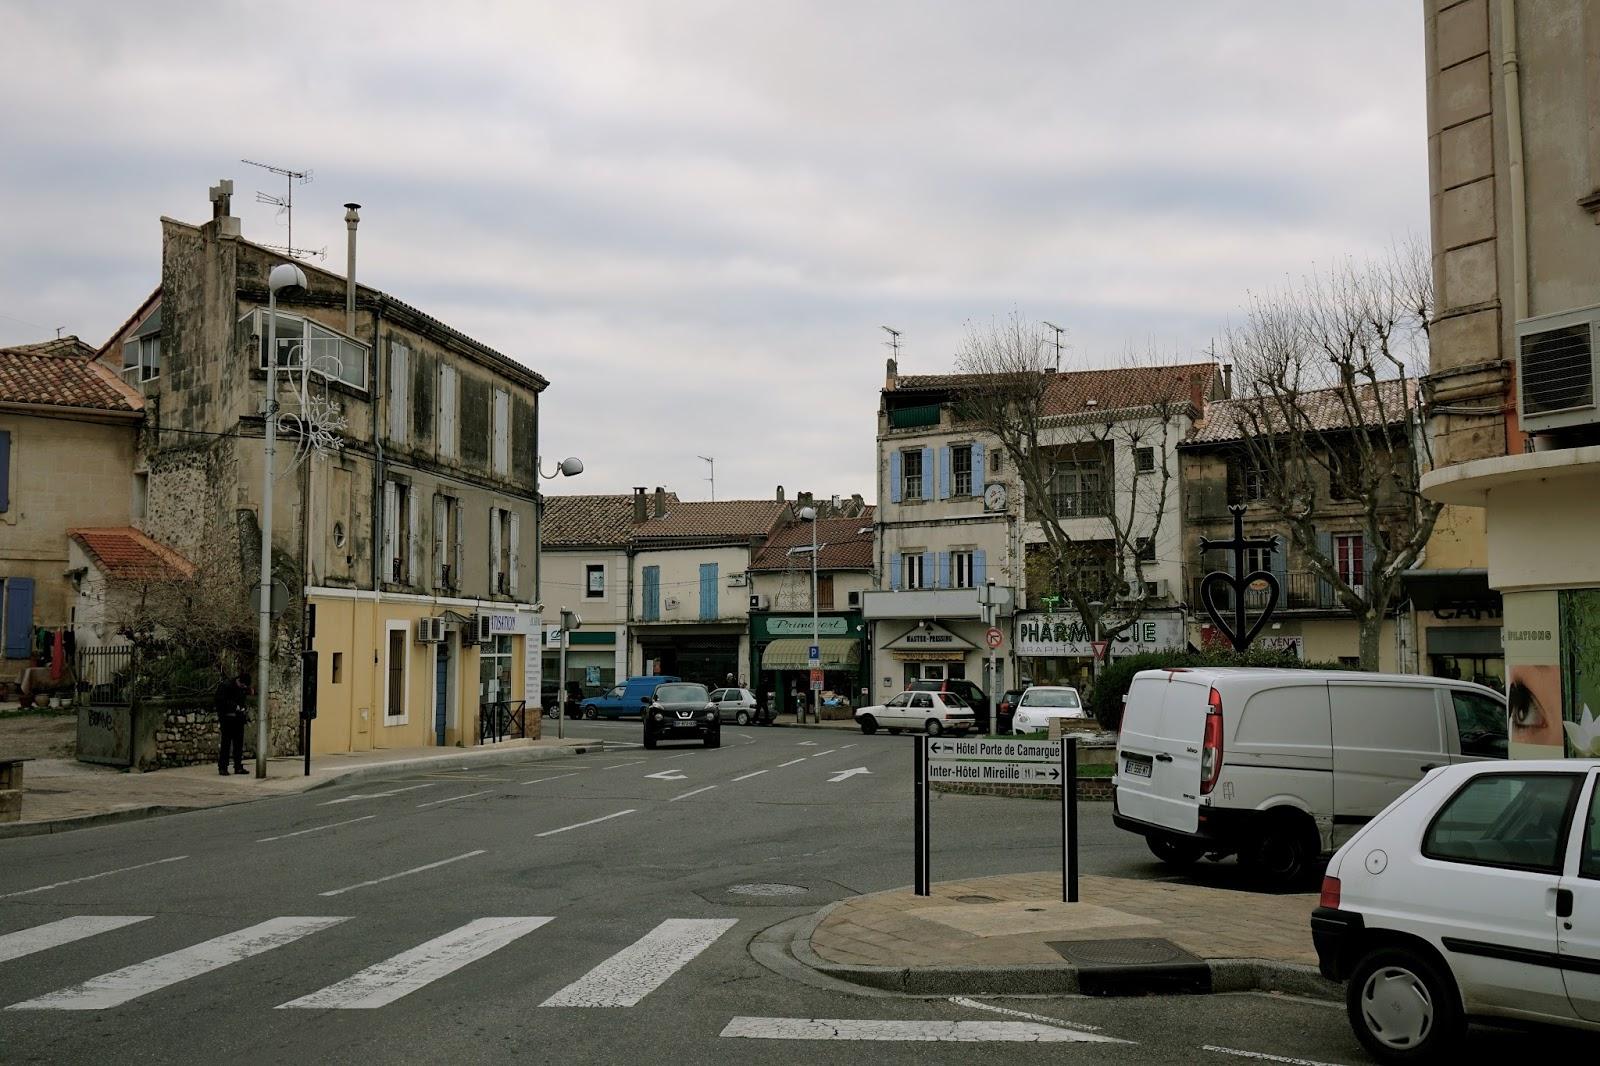 トランケテイユ橋(Le Pont de Trinquetaille)を渡った通り